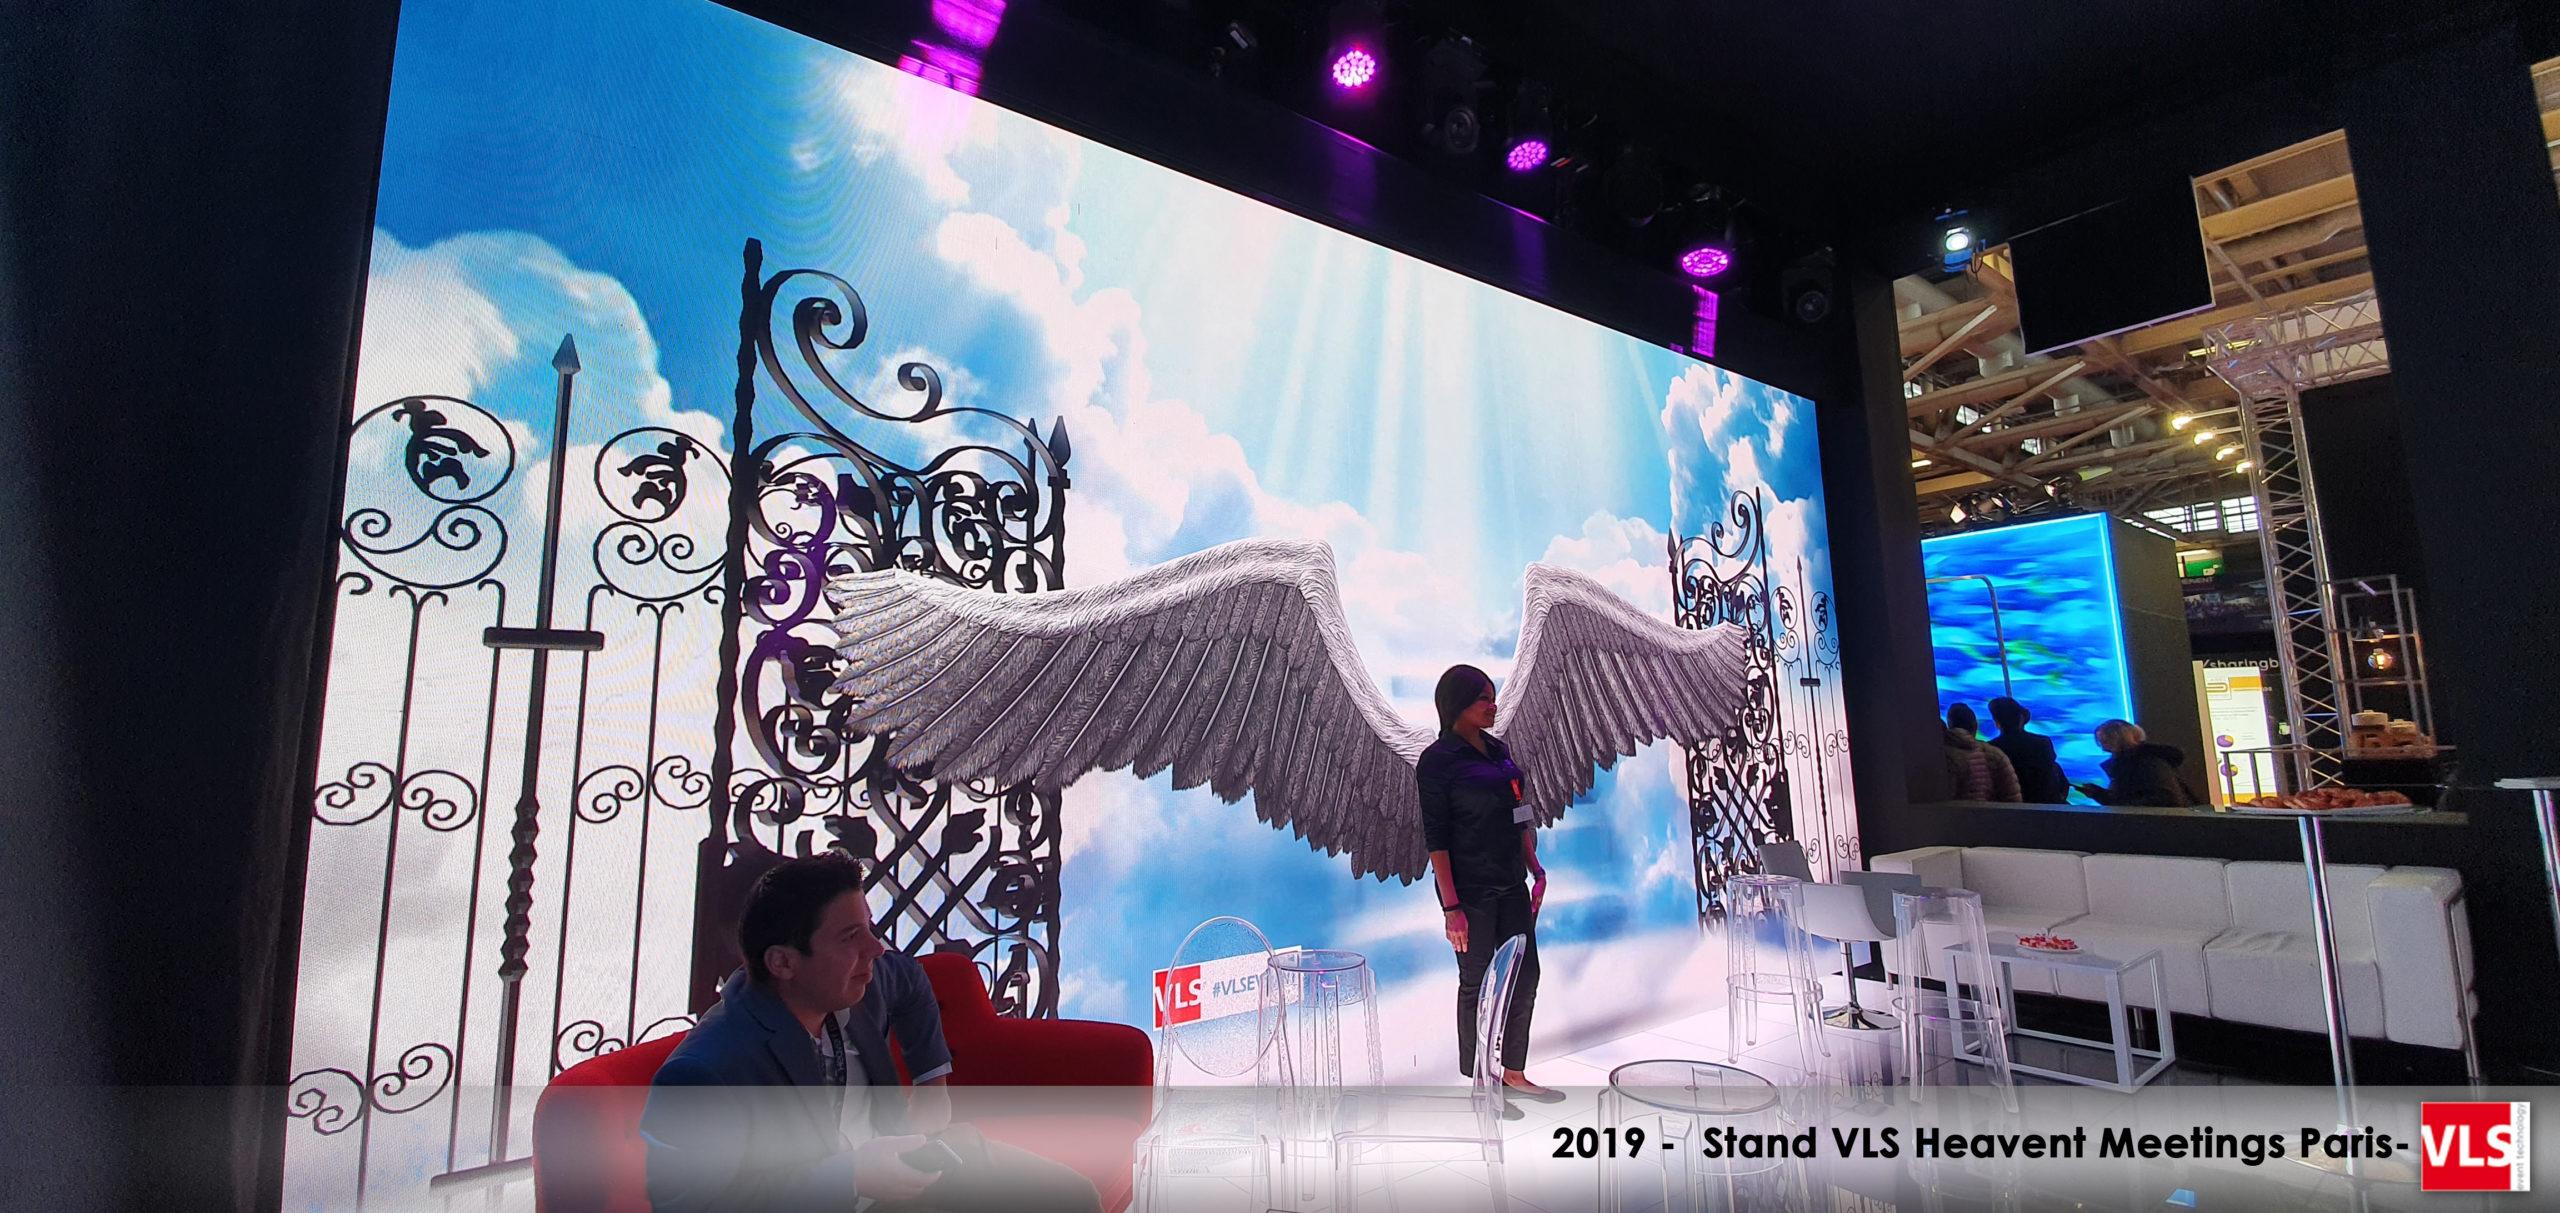 Stand VLS 2019 sur Heavent Paris